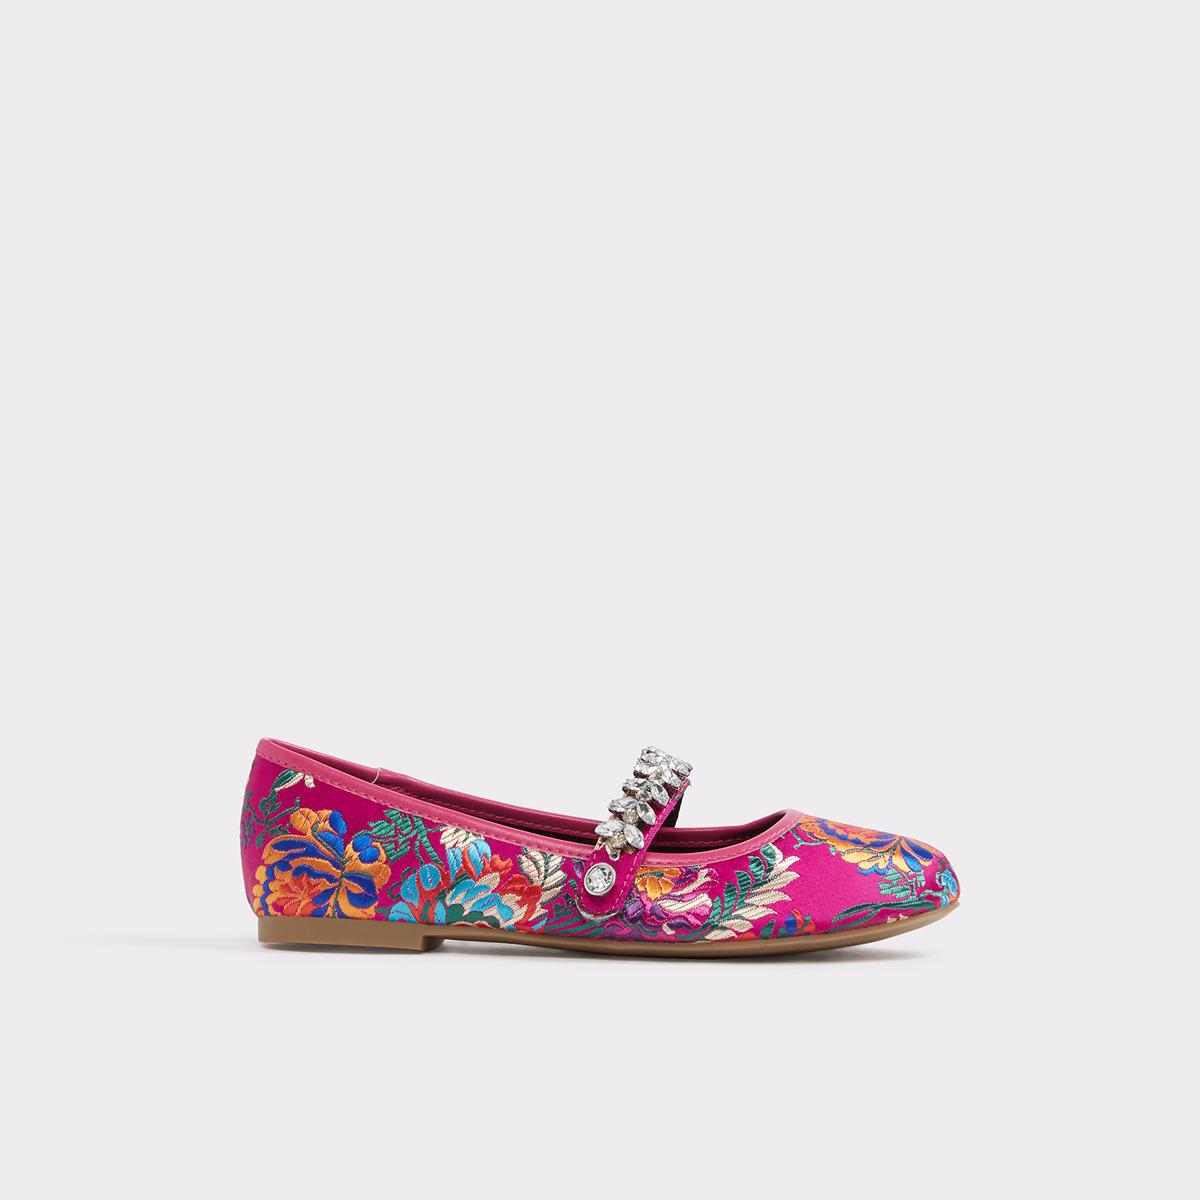 Despirito Fuschia Women's Others | ALDO US at Aldo Shoes in Victor, NY | Tuggl